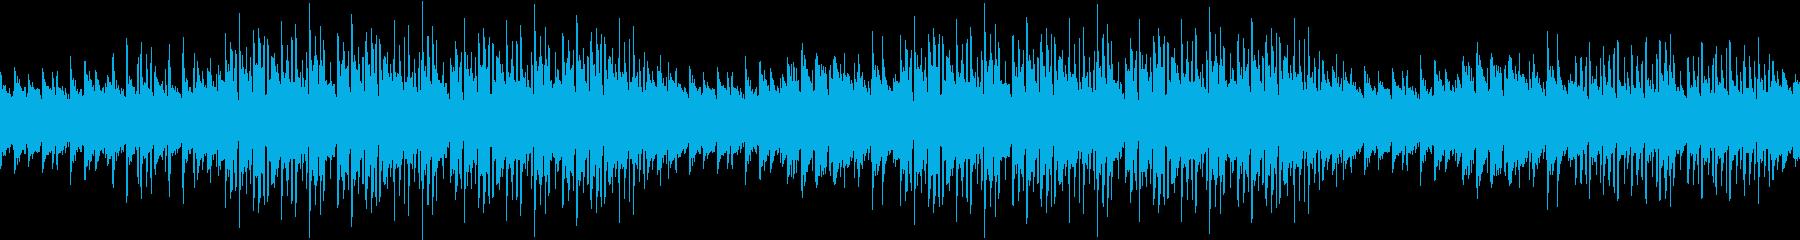 考え事・不安・葛藤・ピアノ・心配・ループの再生済みの波形